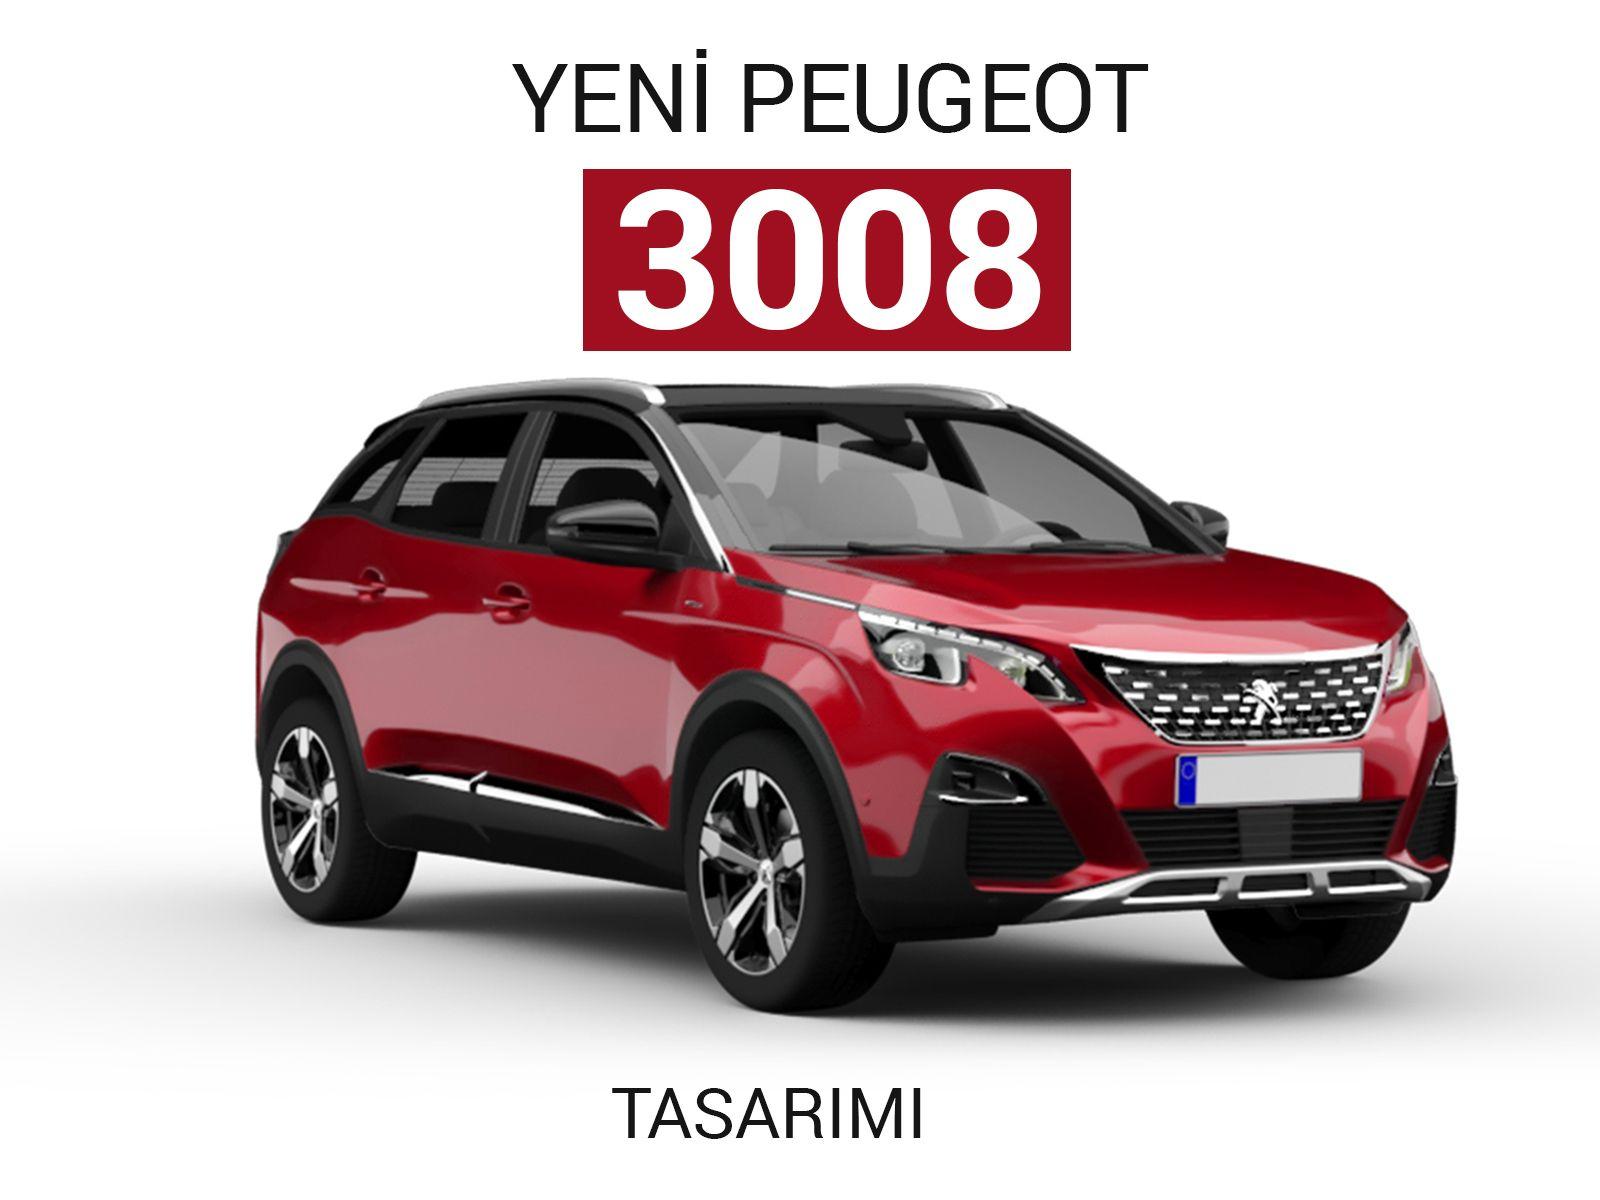 Peugeot 3008 Tasarım Detayları